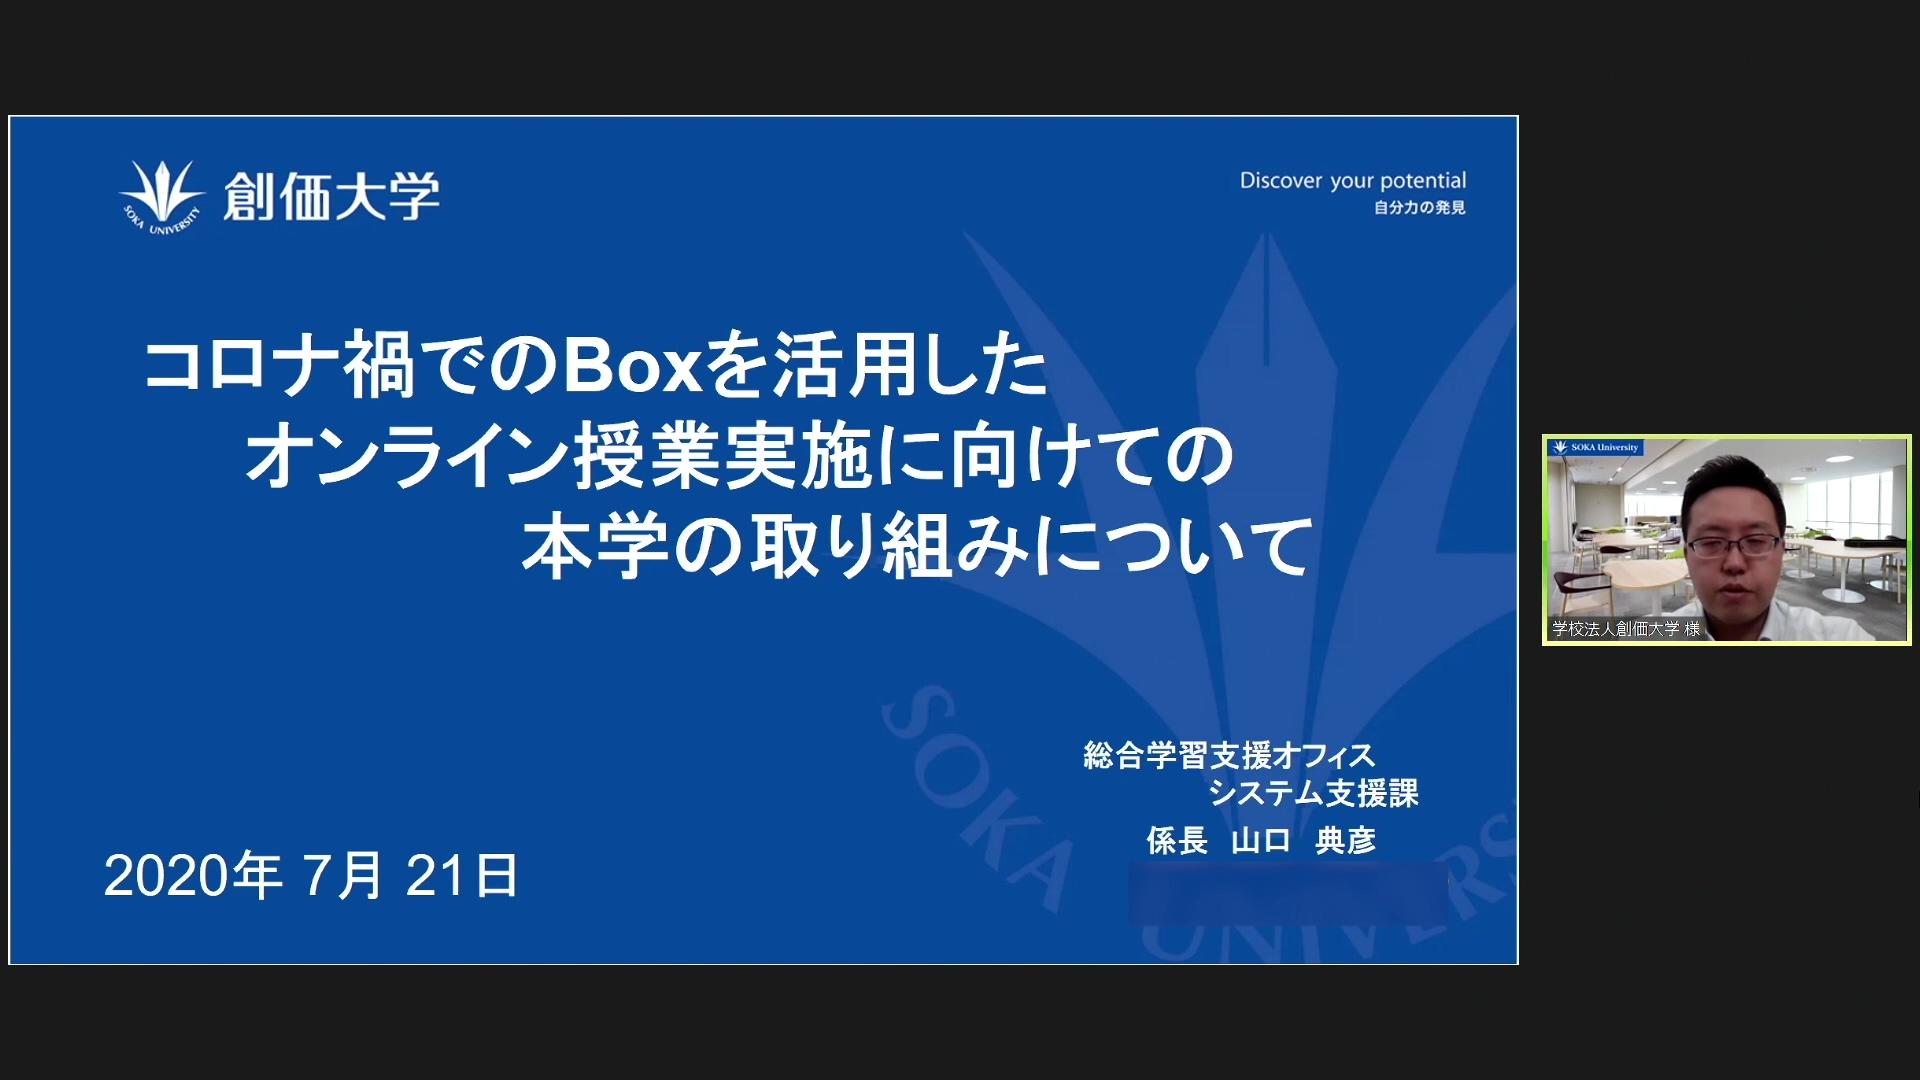 box-at-soka-university